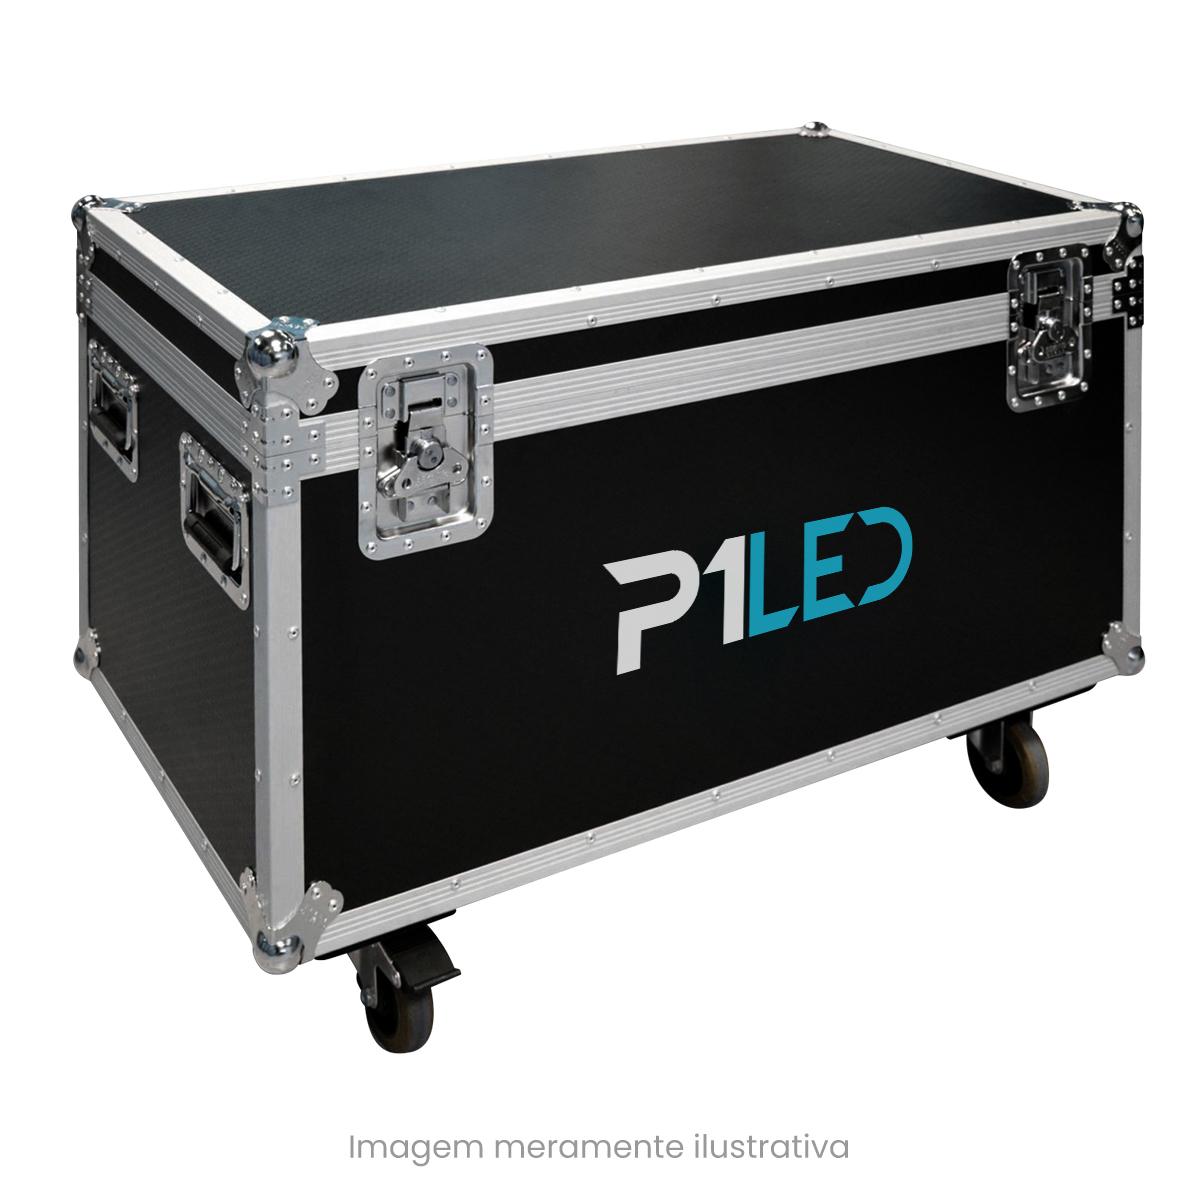 Painel de LED para Lojas e Comércios 4x2 - Telão P3 Indoor  - Painel e Telão de LED - O Melhor Preço em Painel de LED | P1LED